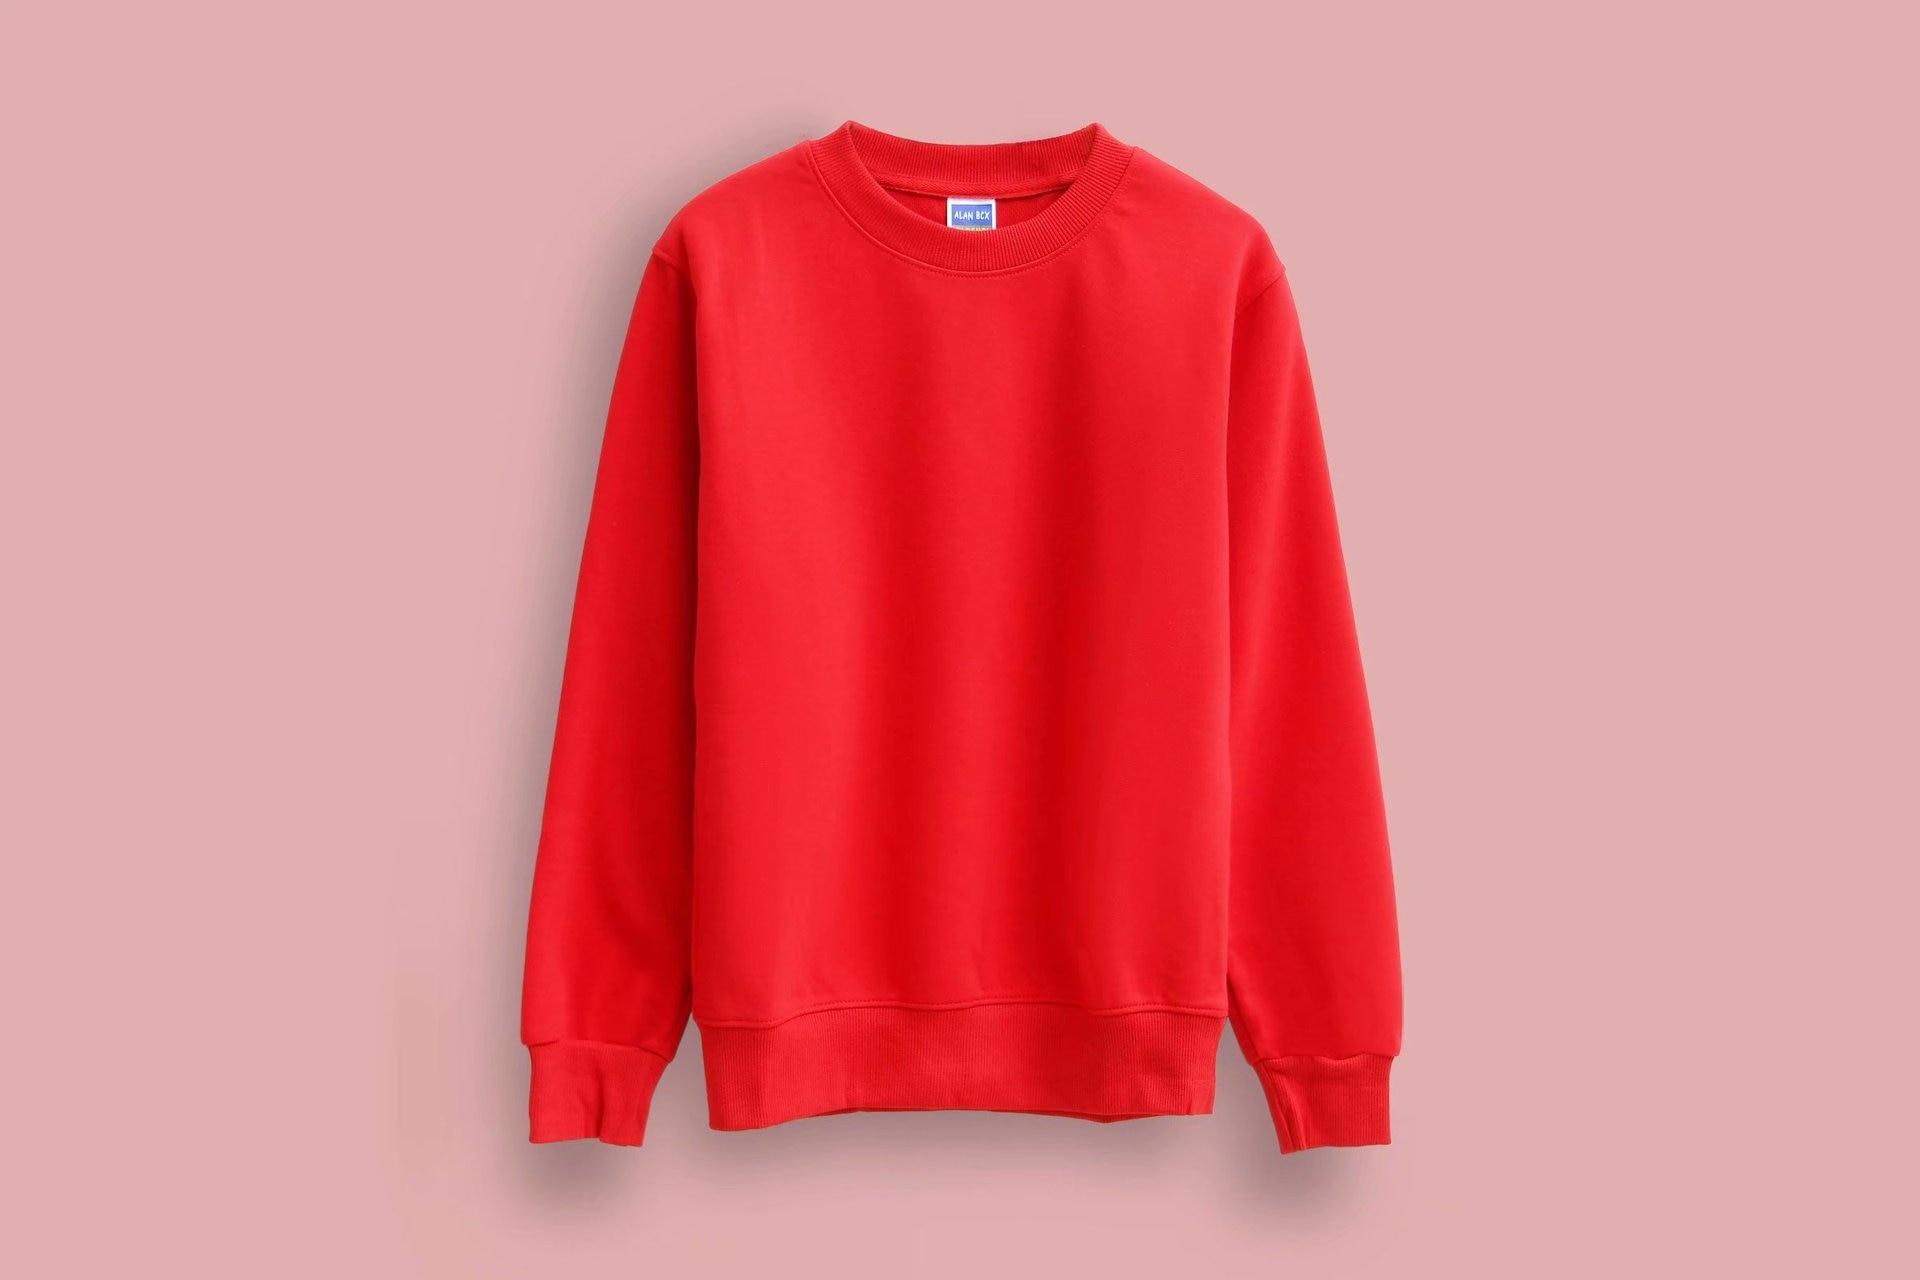 Solid Color Sweatshirt Autumn And Winter Women's Sweatshirt Casual  Hoodie